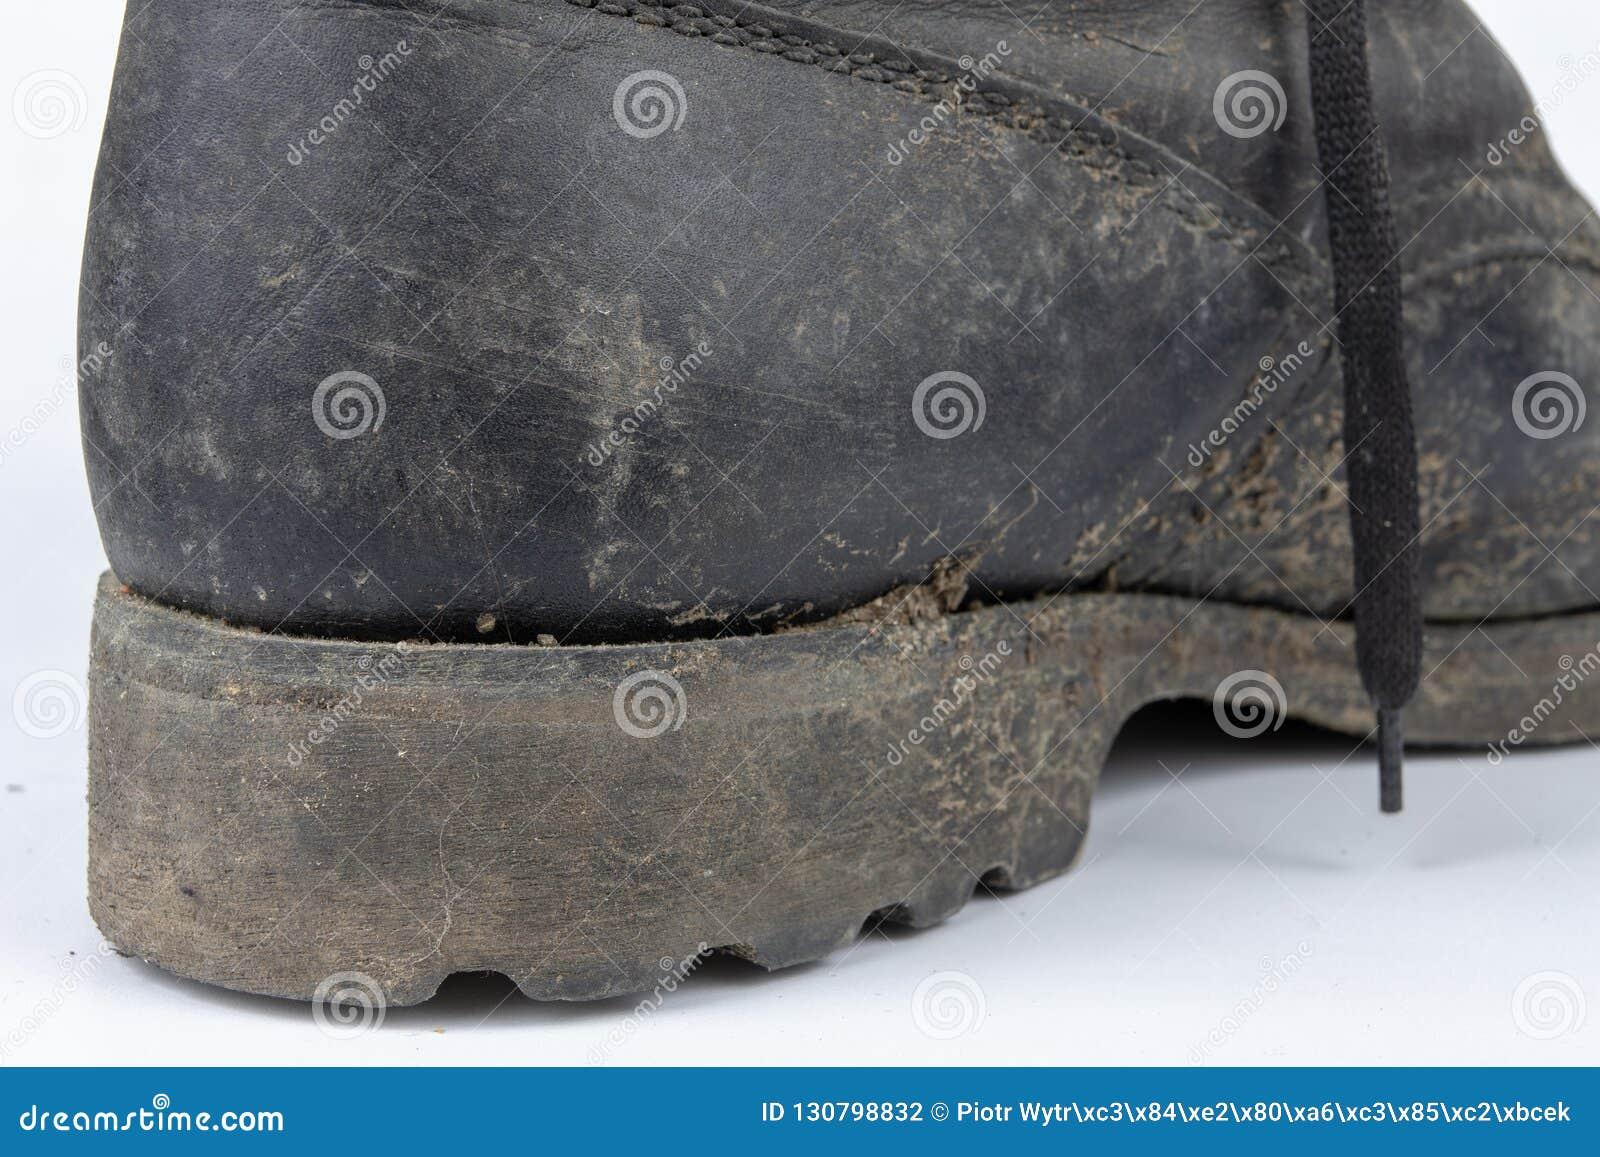 Chaussures Noires En Sales Chaussures Vieilles Militaires FK1lJcT